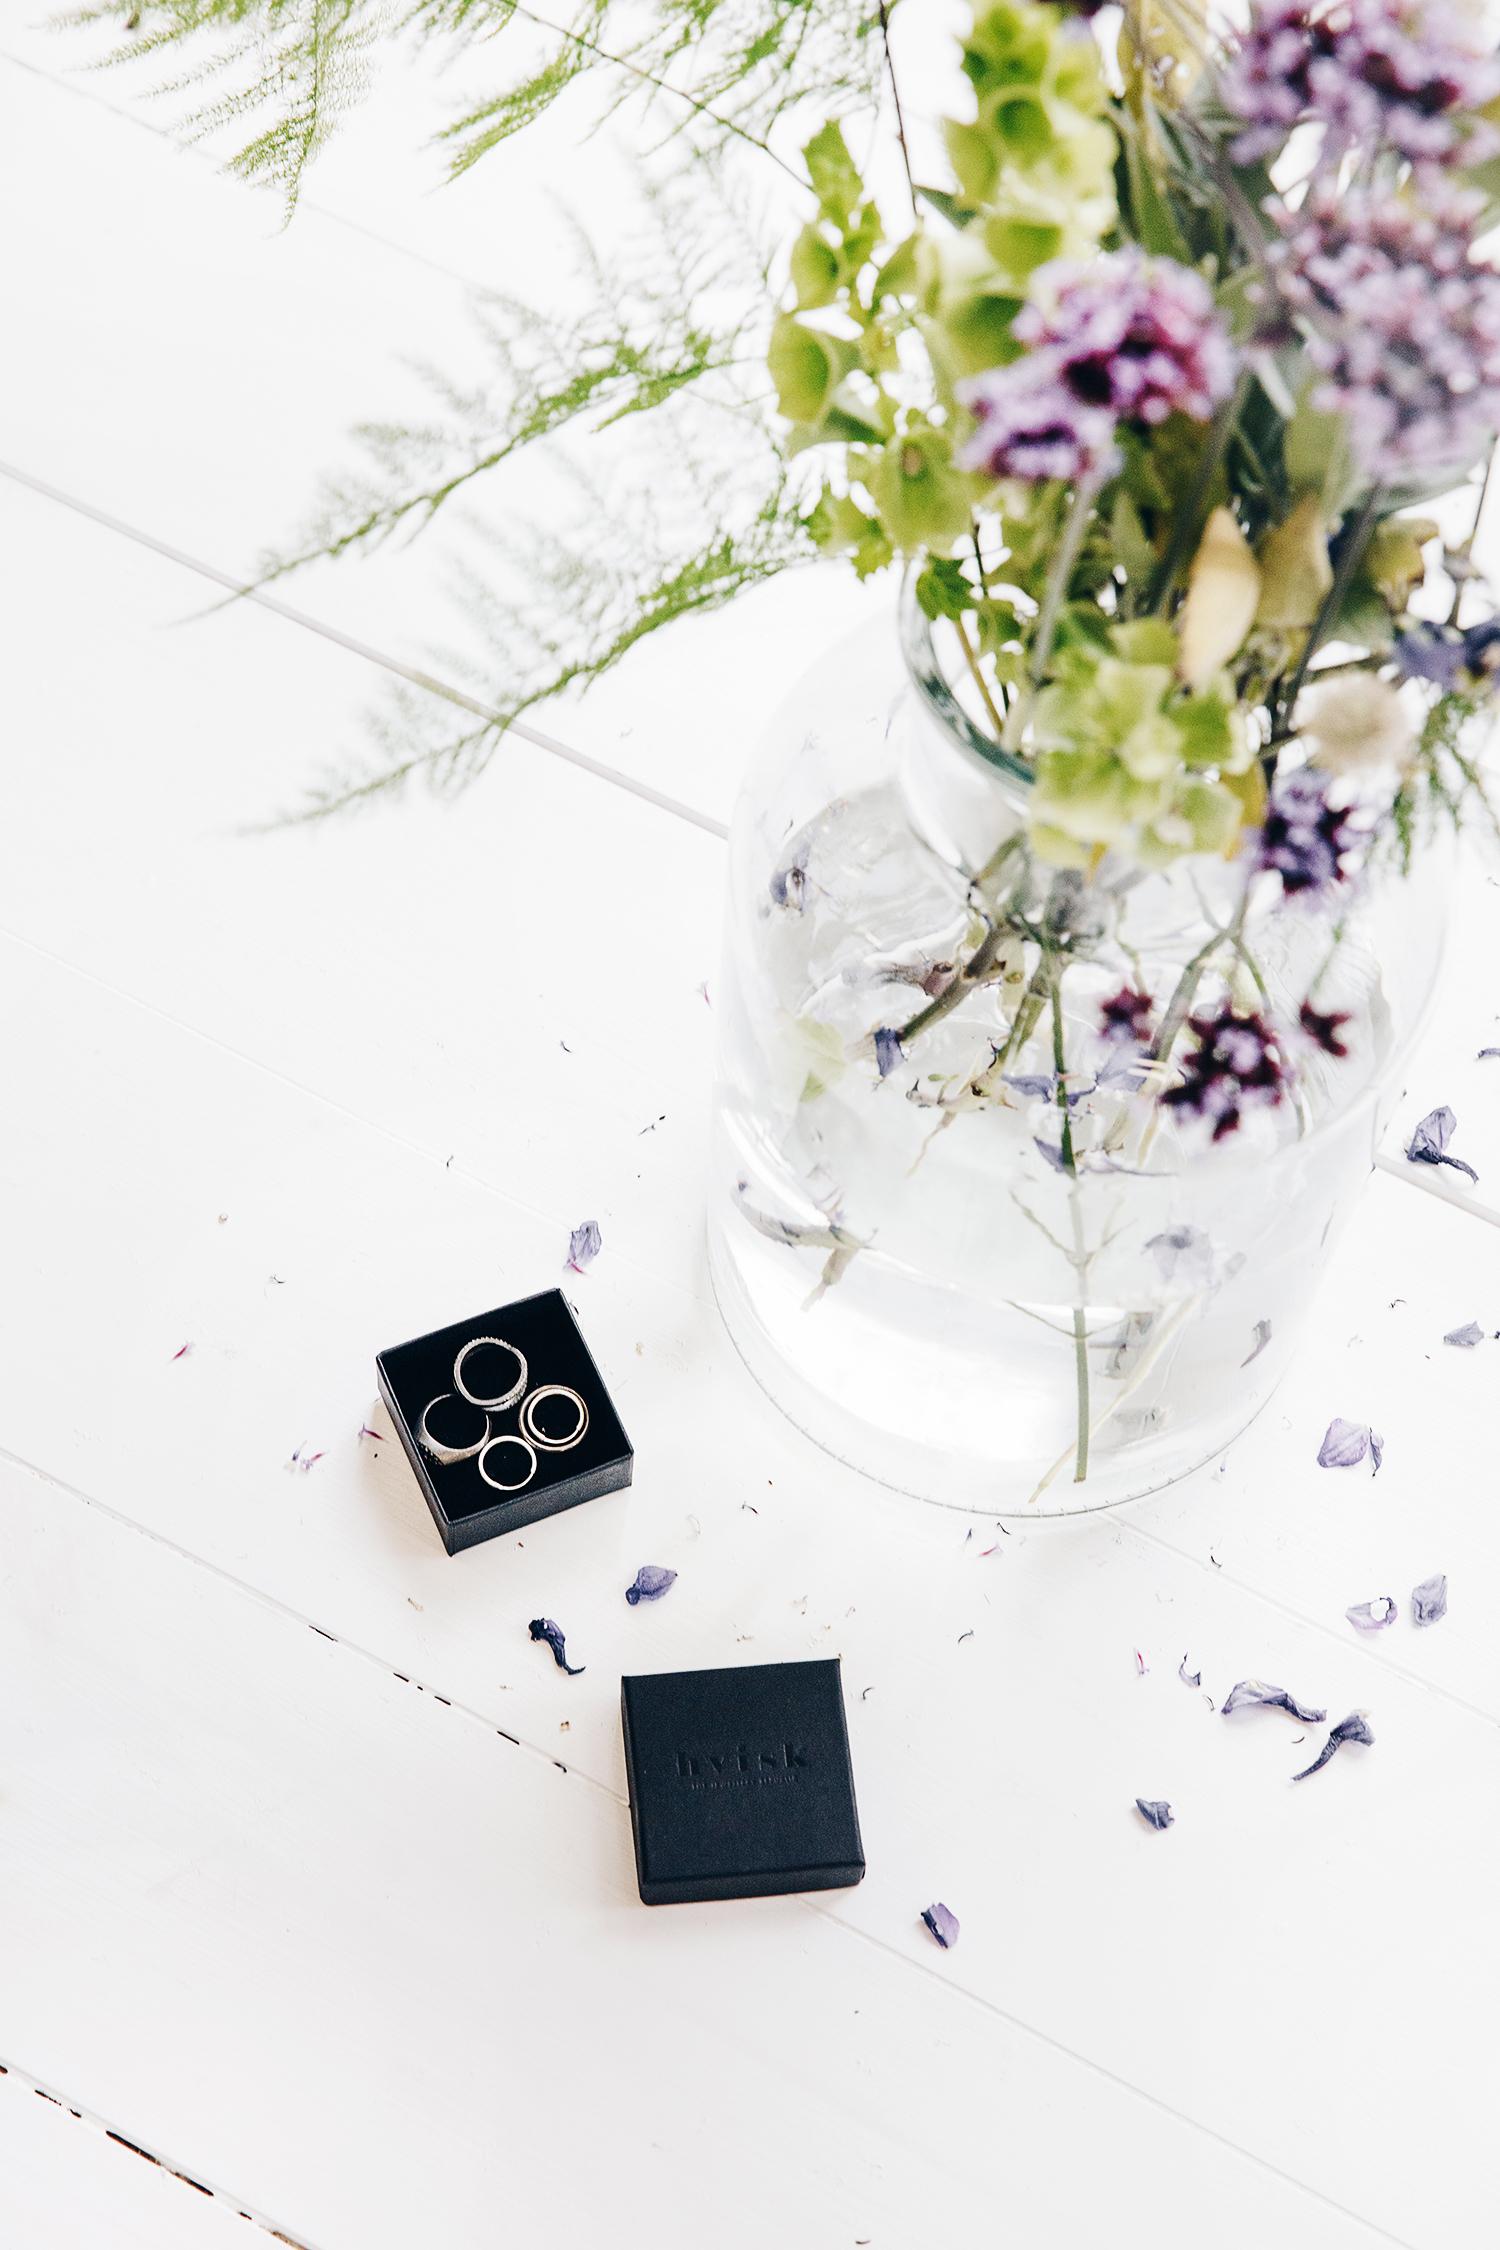 hvisk-smykker-kopi-2